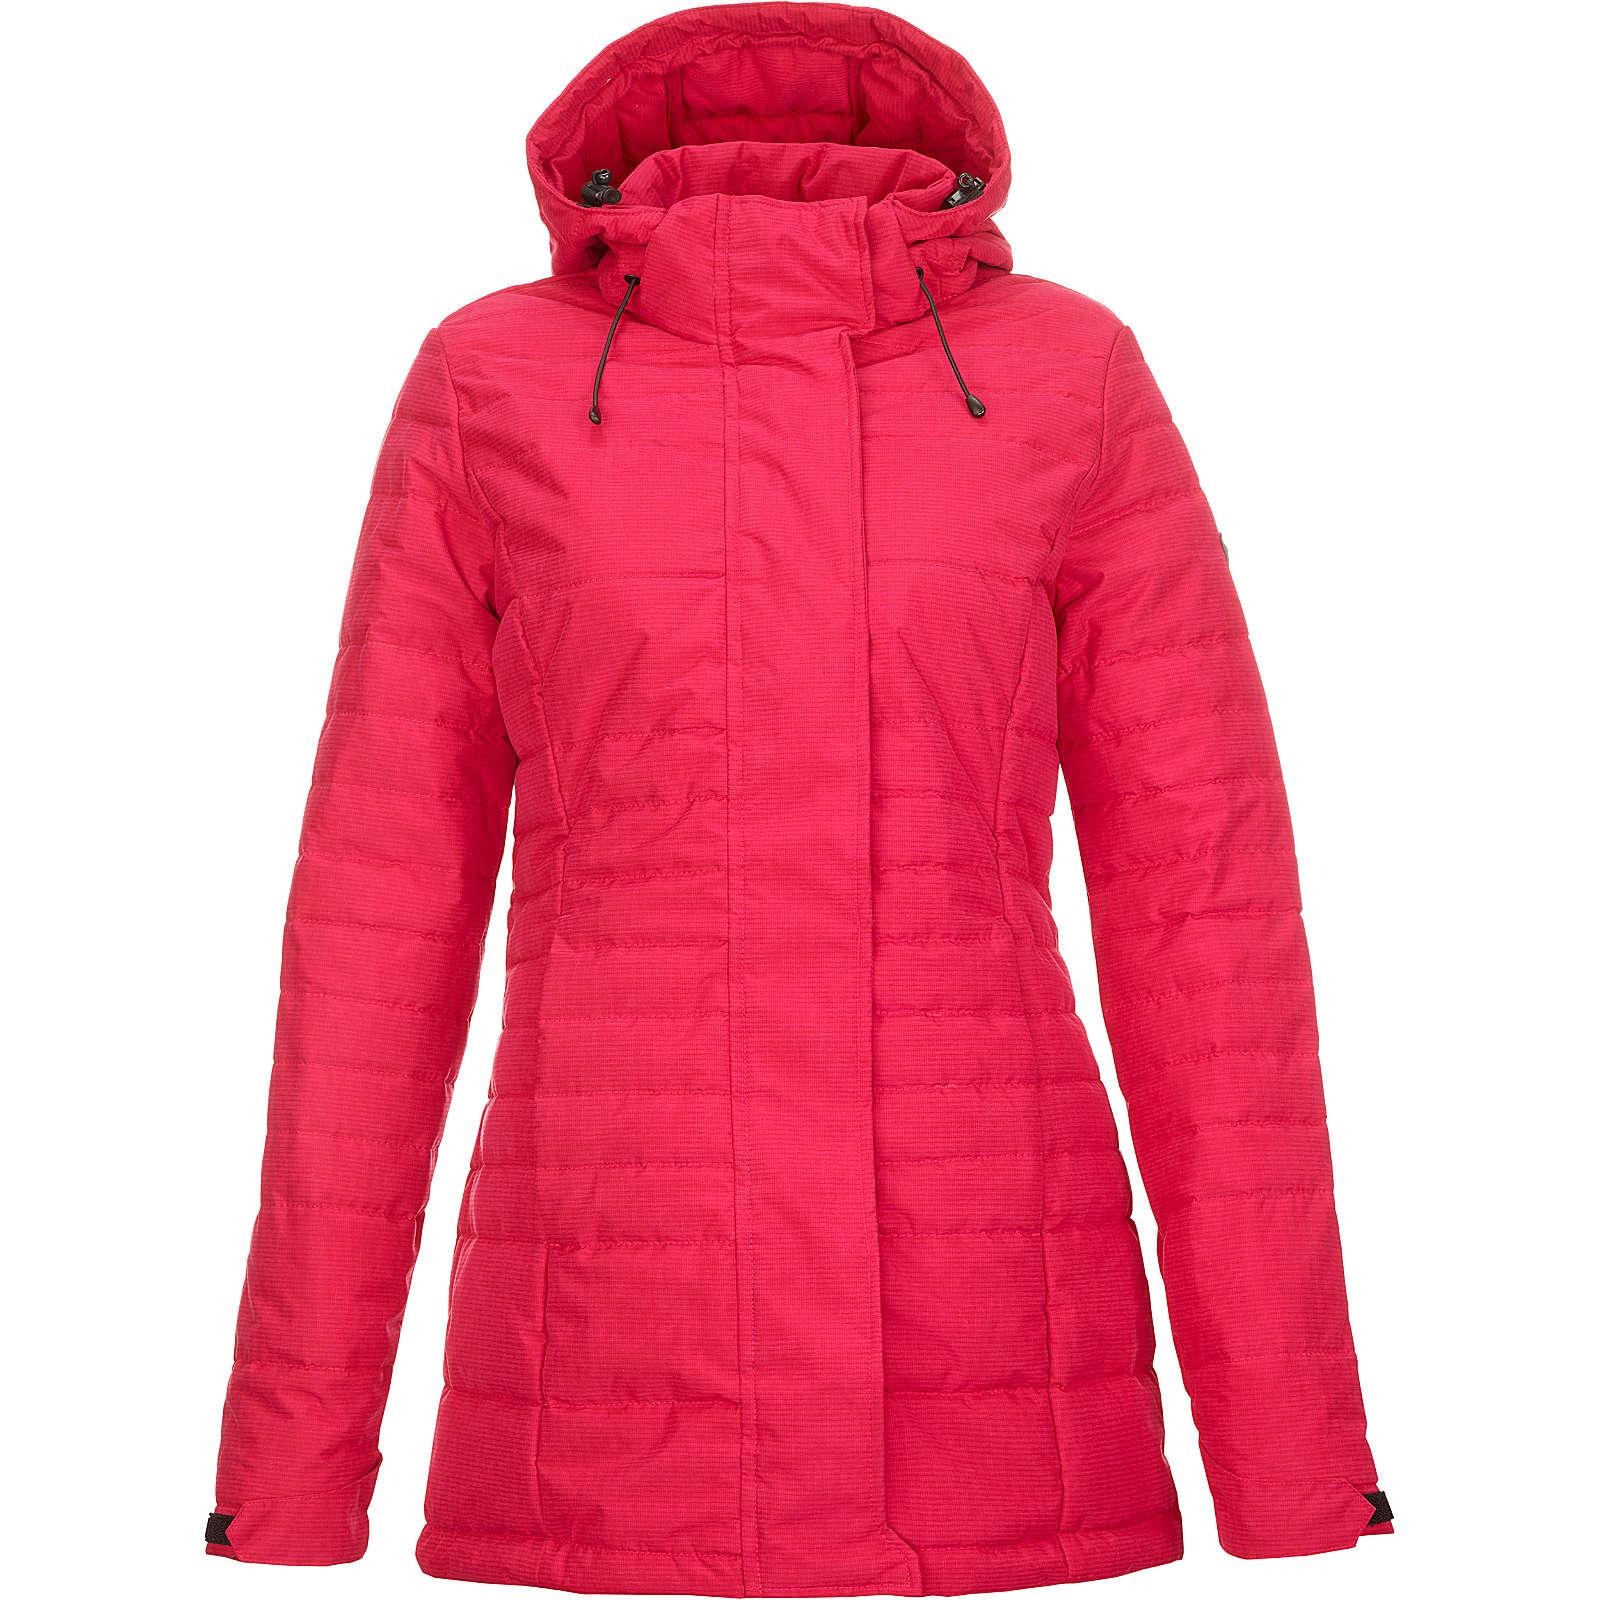 heiß-verkaufende Mode erstklassig Genießen Sie kostenlosen Versand Rabatt-Preisvergleich.de - Bekleidung > Jacken > Winterjacken